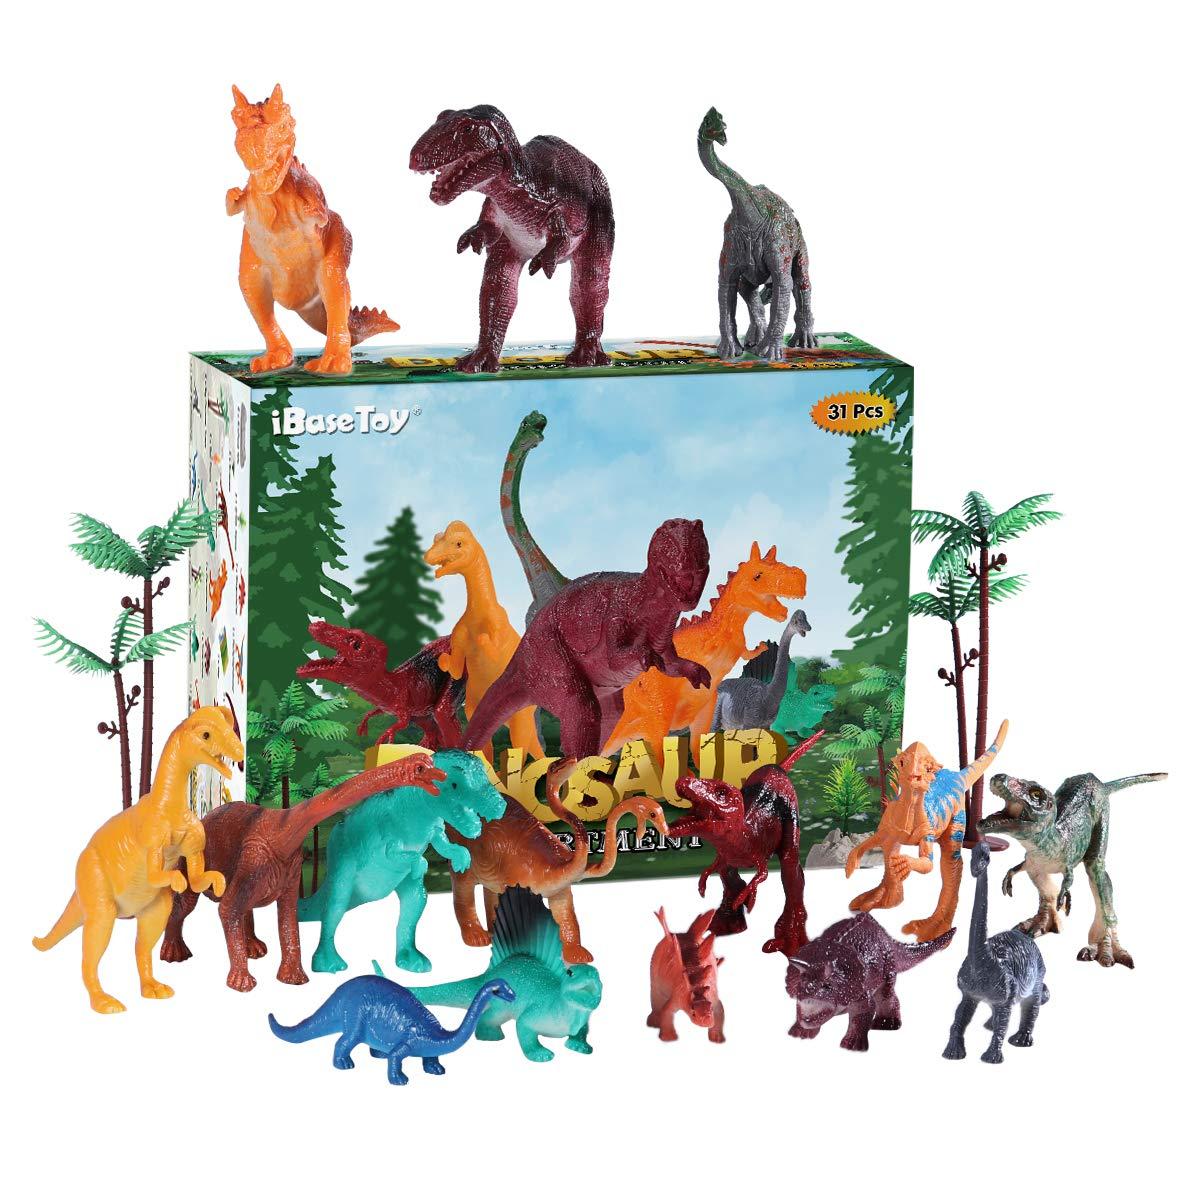 iBaseToy Dinosaurier Spielzeug Set, Dinosaurier Figuren mit Karte, 31 Verschiedene Dino Figuren für Kinder Buben und Mädchen, Einschließlich Tyrannosaurus Rex, Triceratops, Velociraptor, Stegosaurus